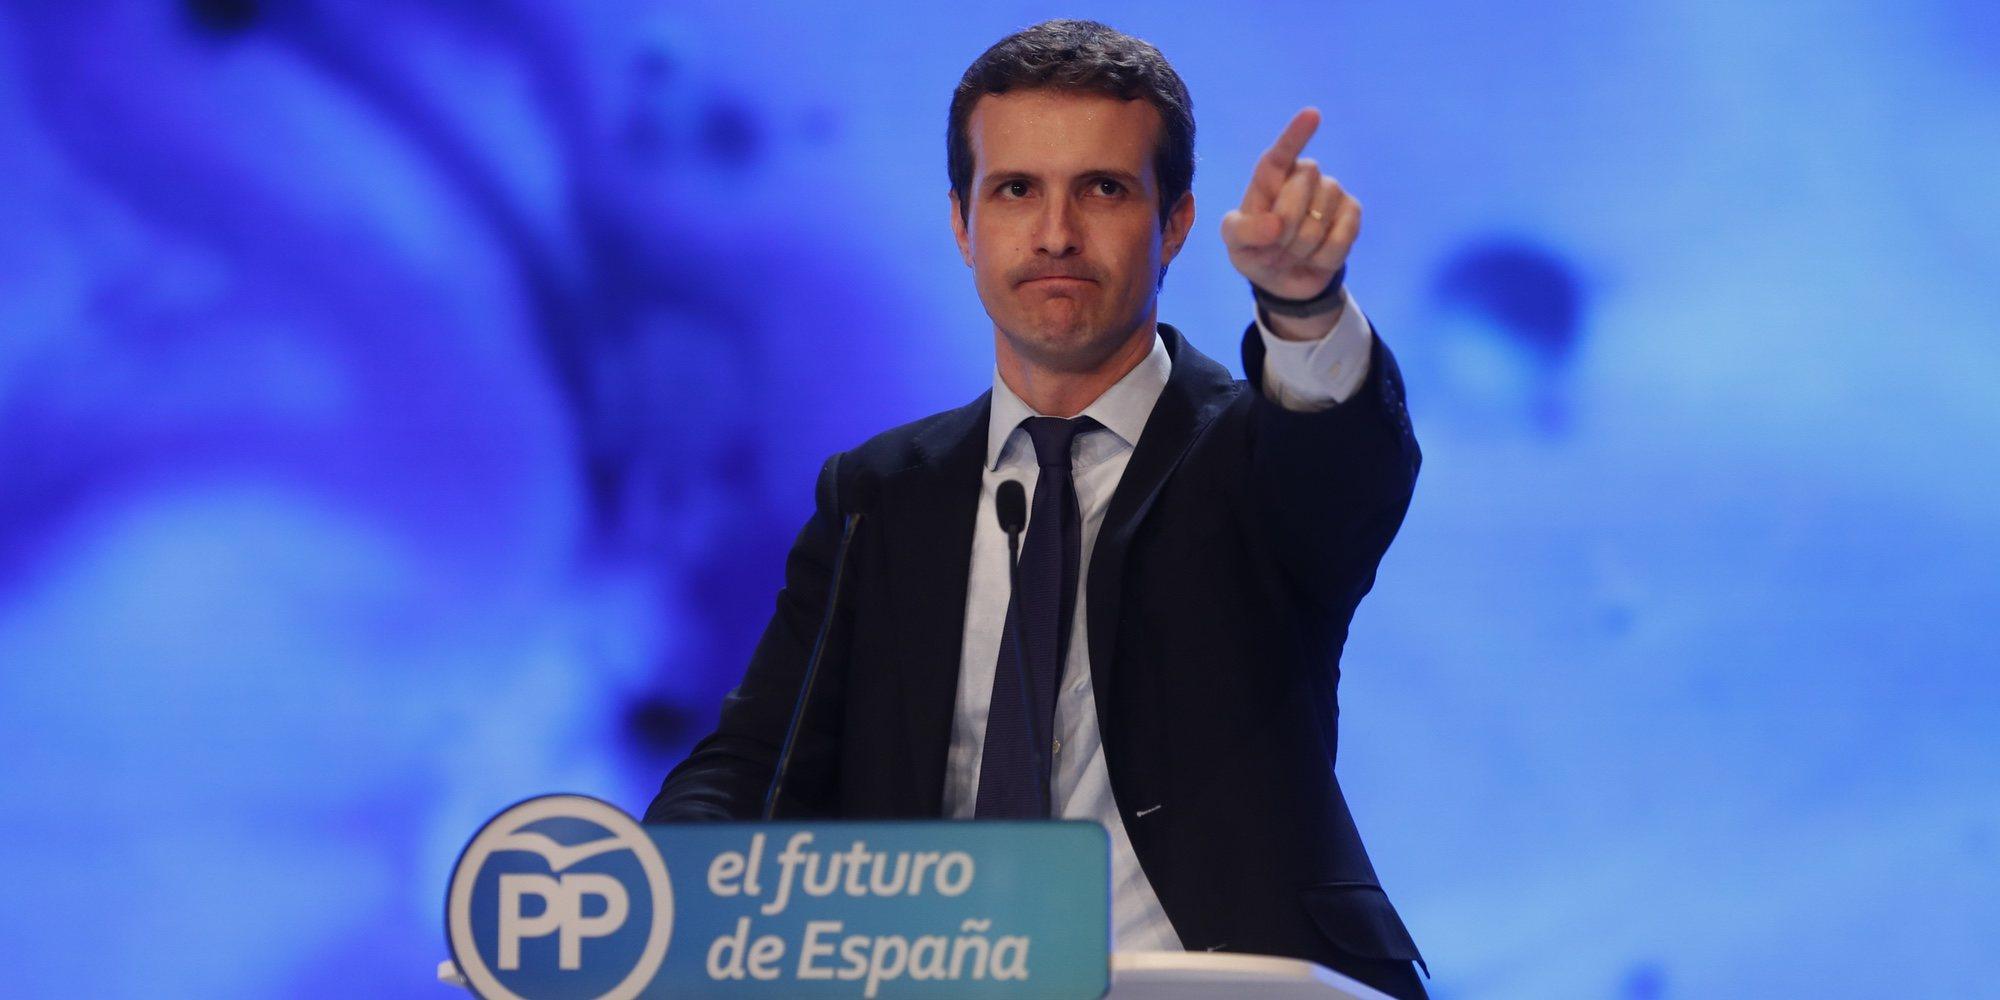 Así es Pablo Casado, el joven palentino que ha conquistado la presidencia del PP por primarias